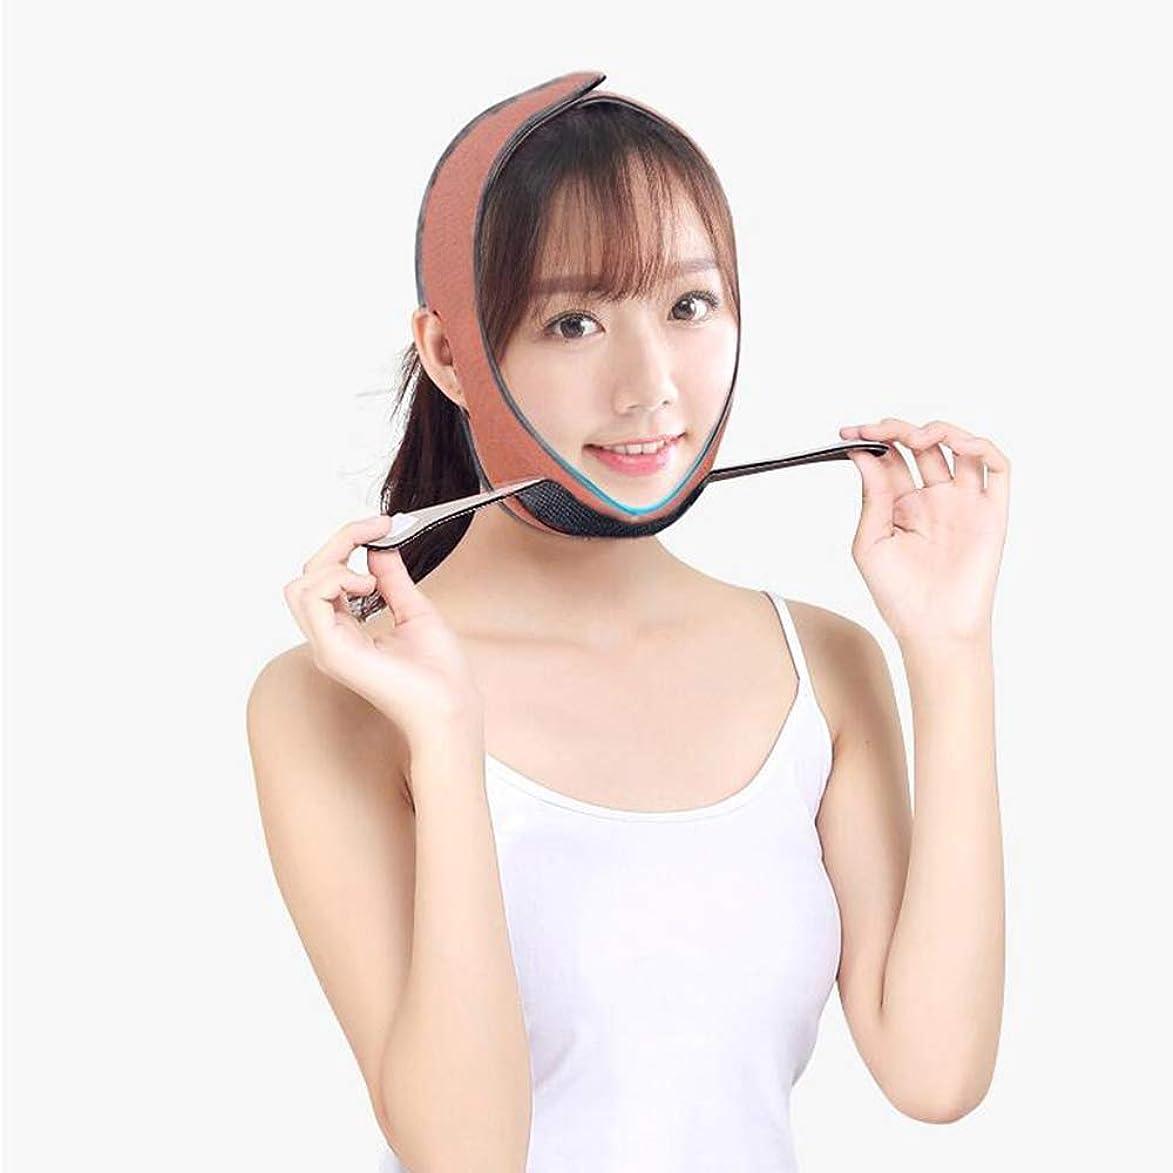 測る予備維持するフェイシャルリフティングスリミングベルト - 薄いフェイス包帯Vフェイス包帯マスクフェイシャルマッサージャー無料整形マスク顔と首の顔を引き締めますスリム